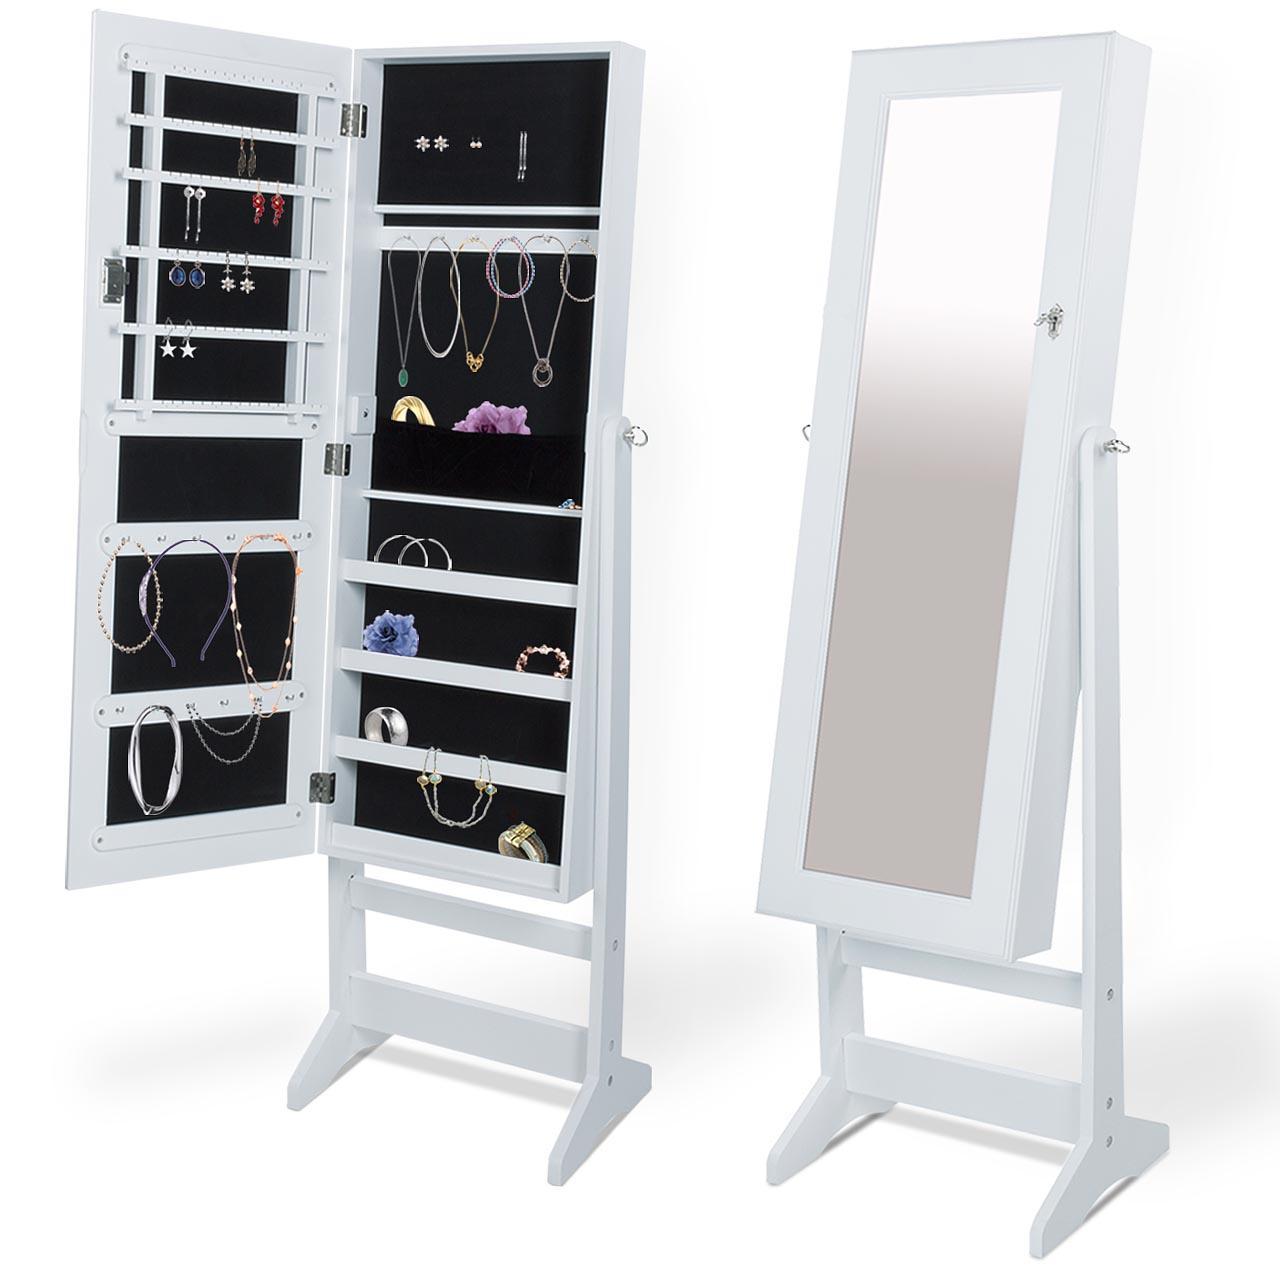 Schmuckschrank Spiegelschrank Spiegel LED abschließbar Standspiegel ...